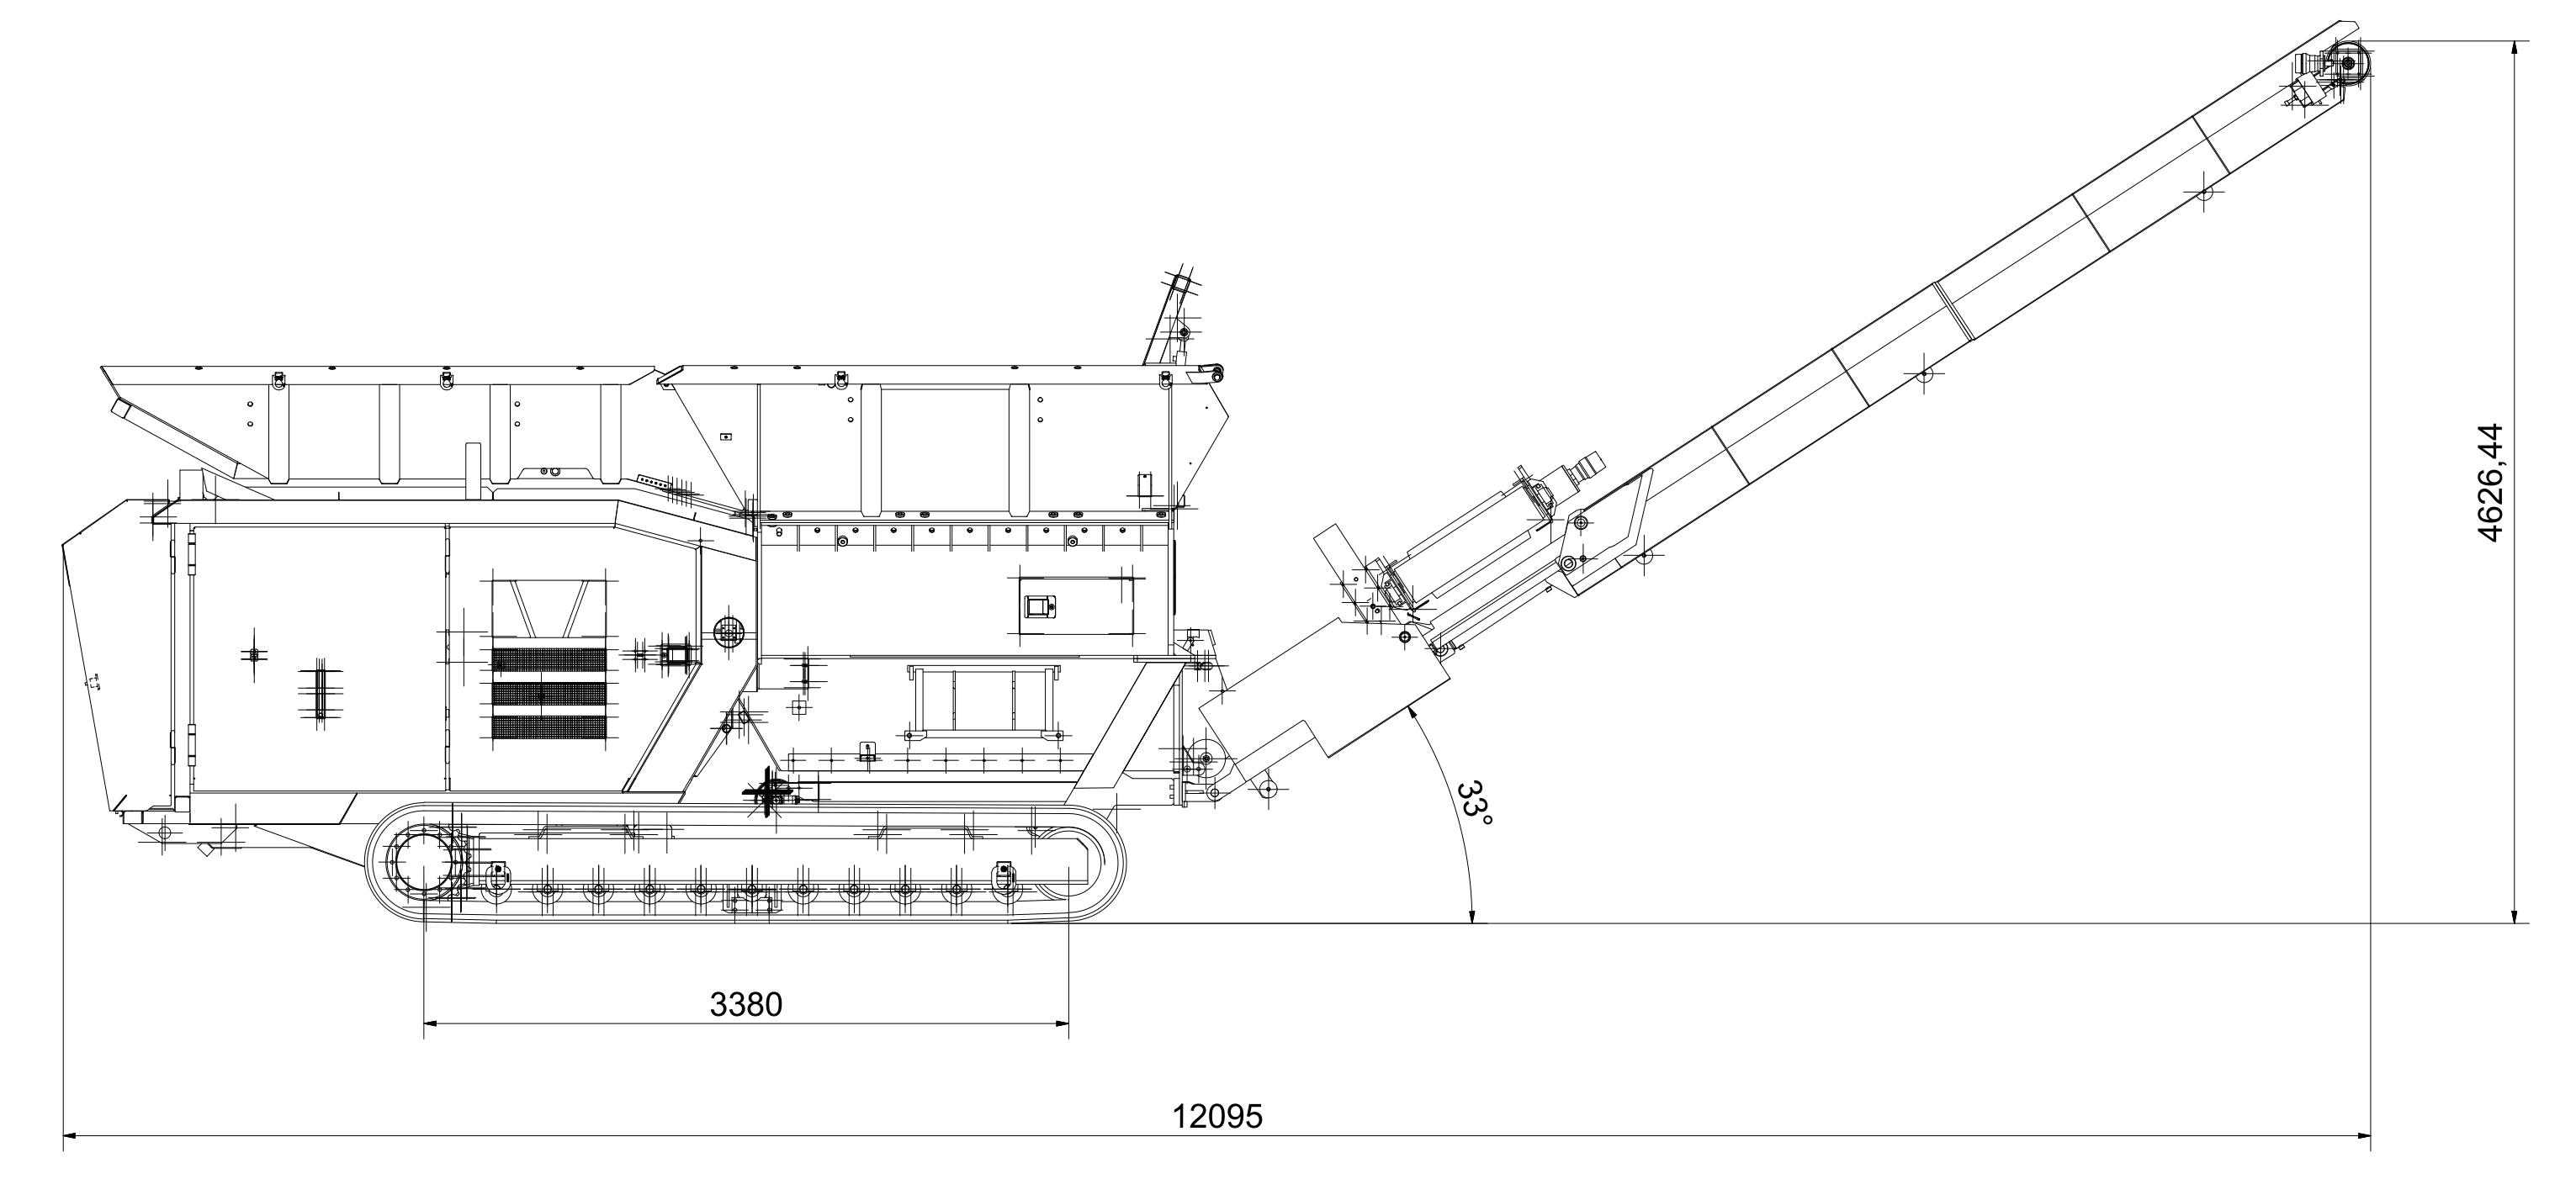 VB 750 DK L.V.